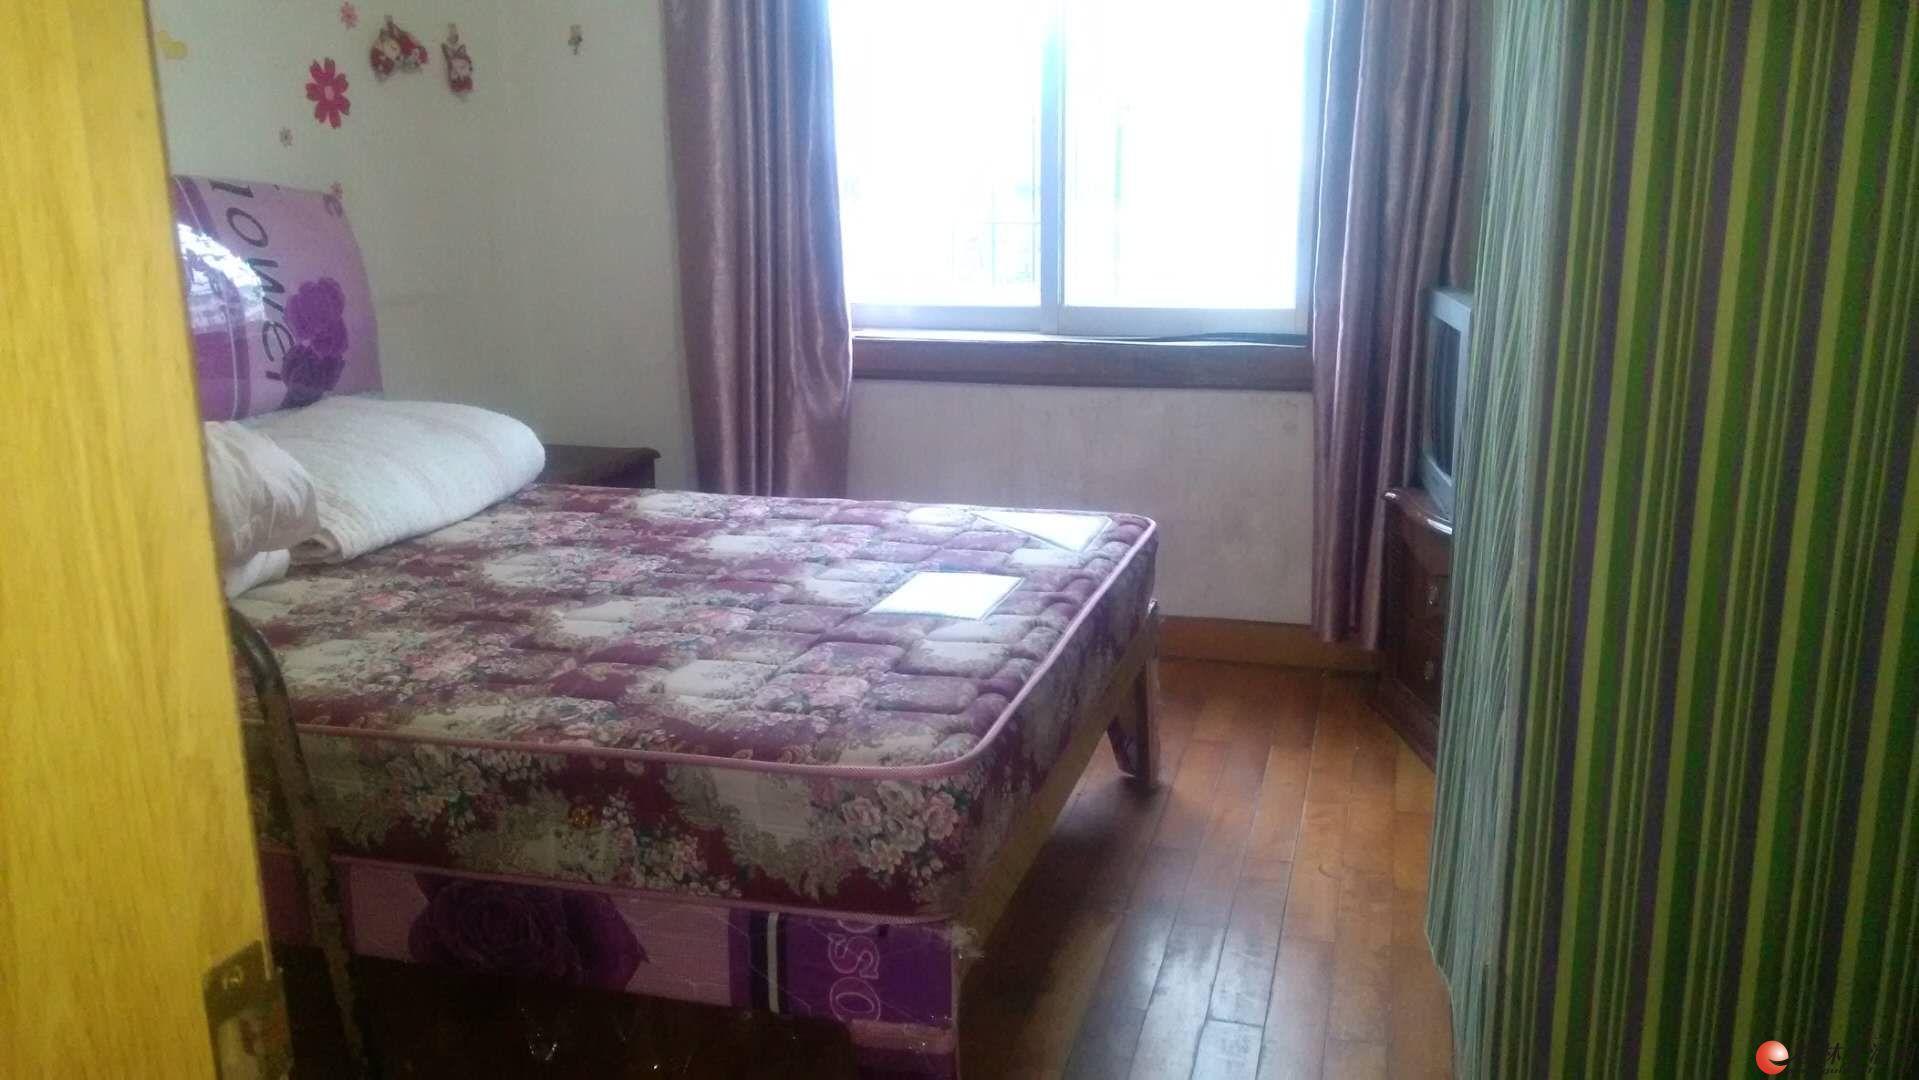 文明路金龙寨楼上,人民医院旁,三楼,1房1厅,家电家具齐全 800元/月